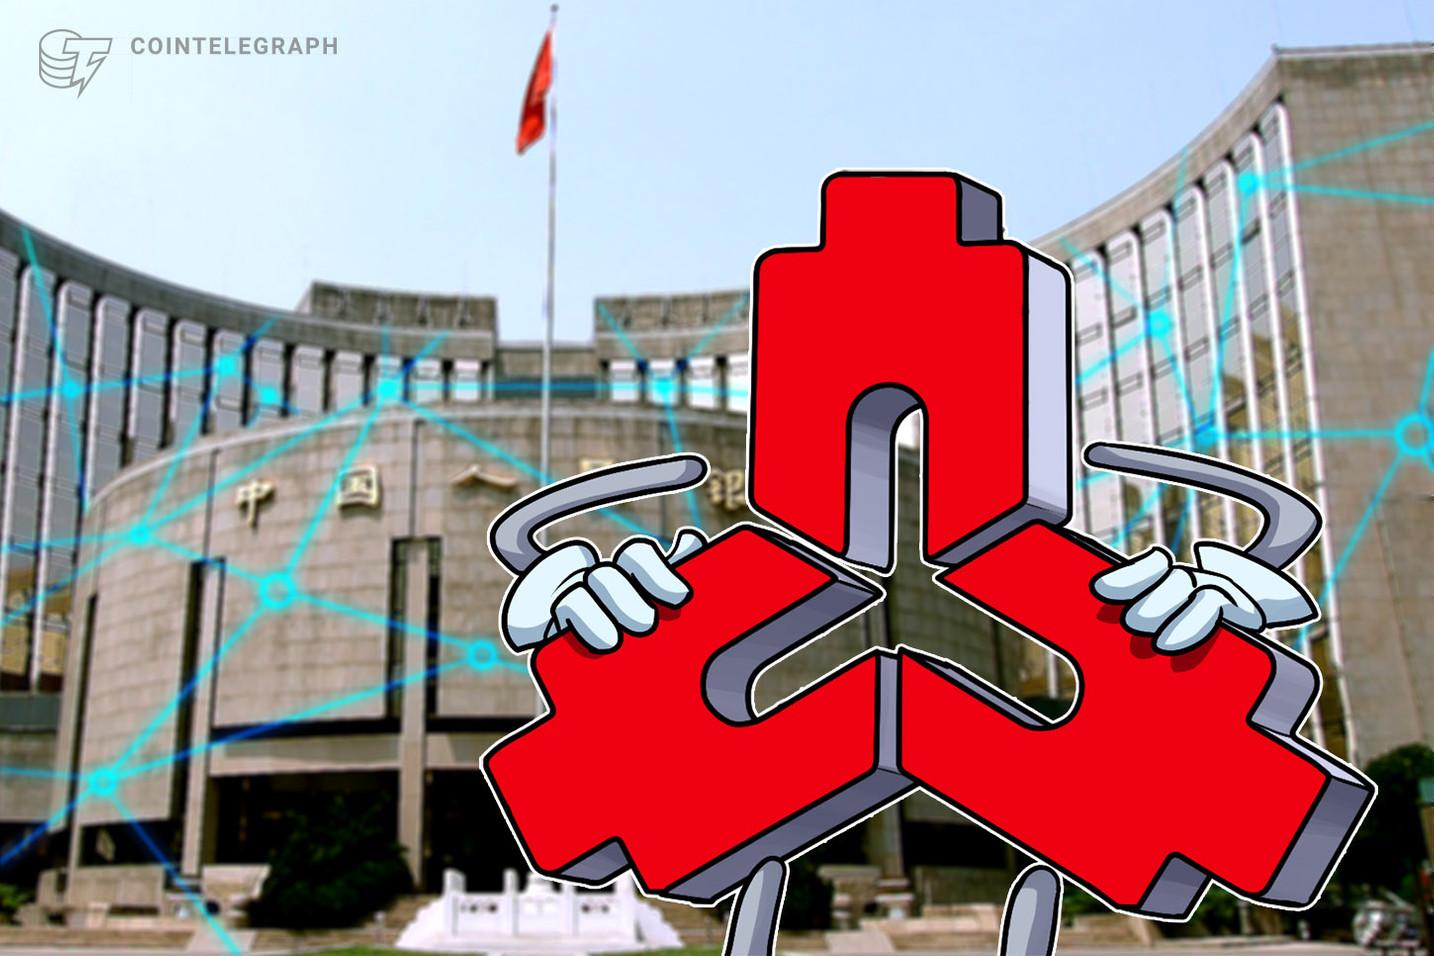 China: Central Bank's Blockchain Trade Finance Platform Pilots in Shenzhen